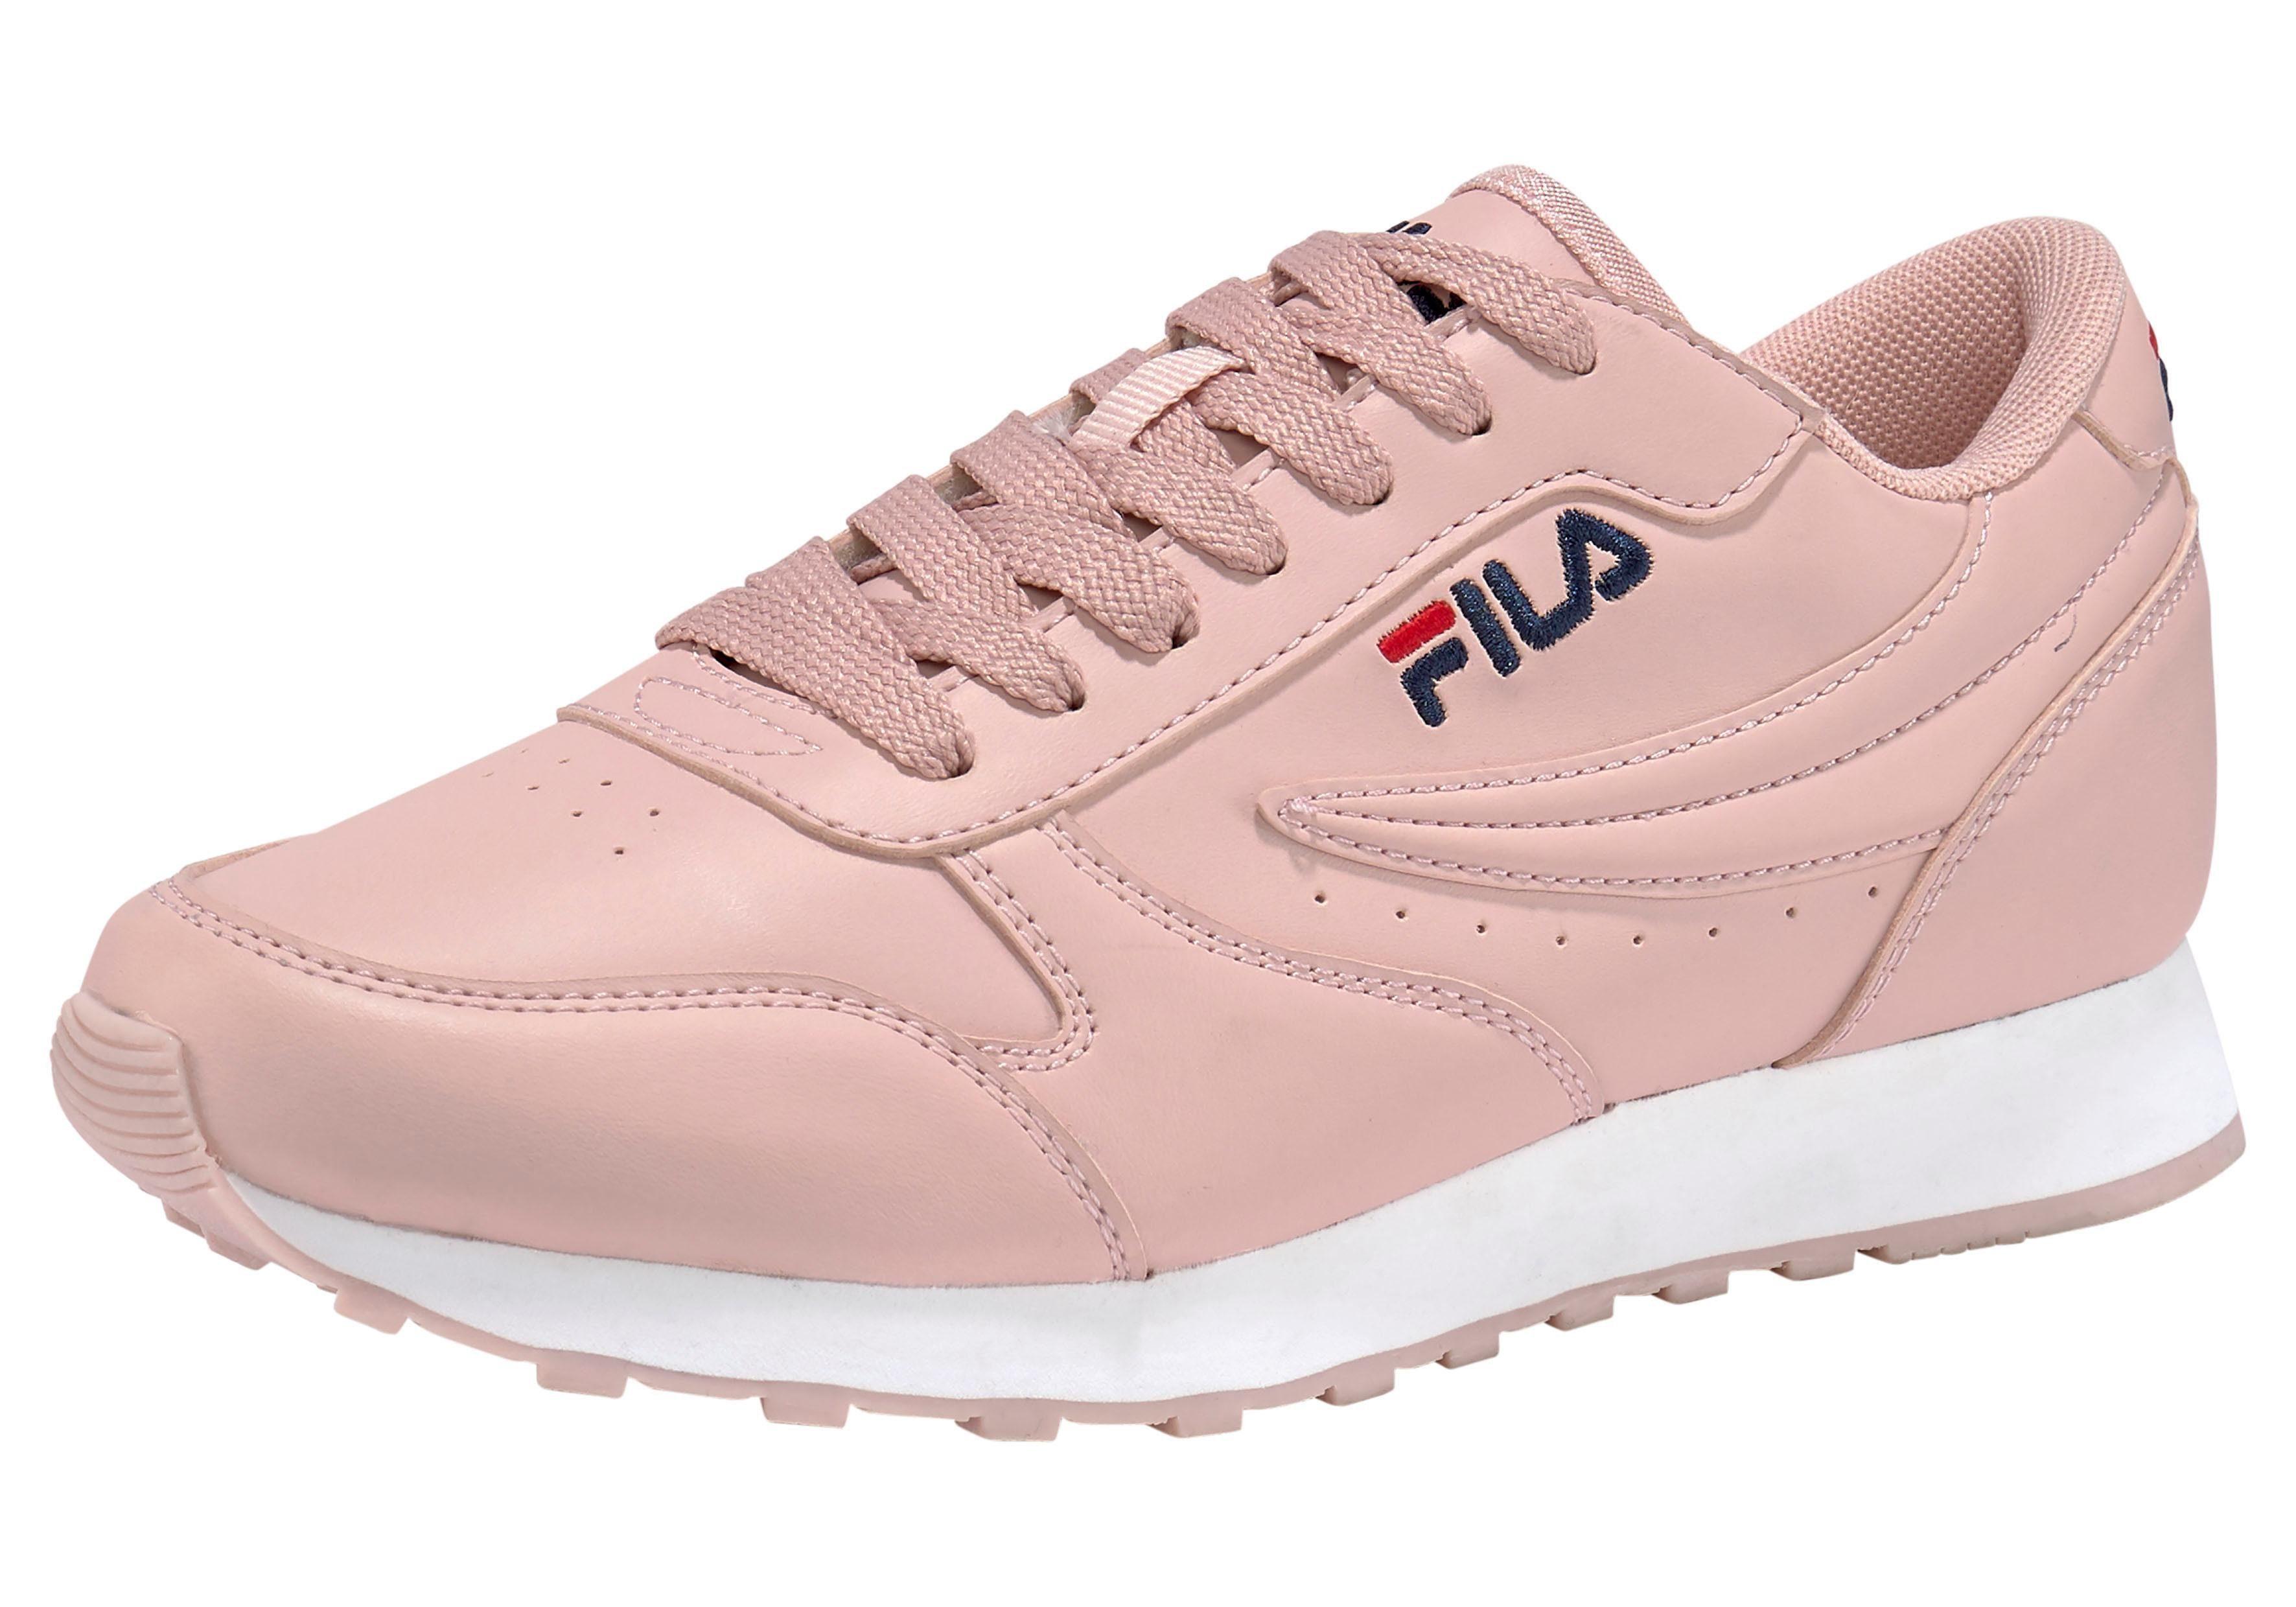 Fila »Orbit Low« Sneaker, Modischer Sneaker von Fila online kaufen   OTTO